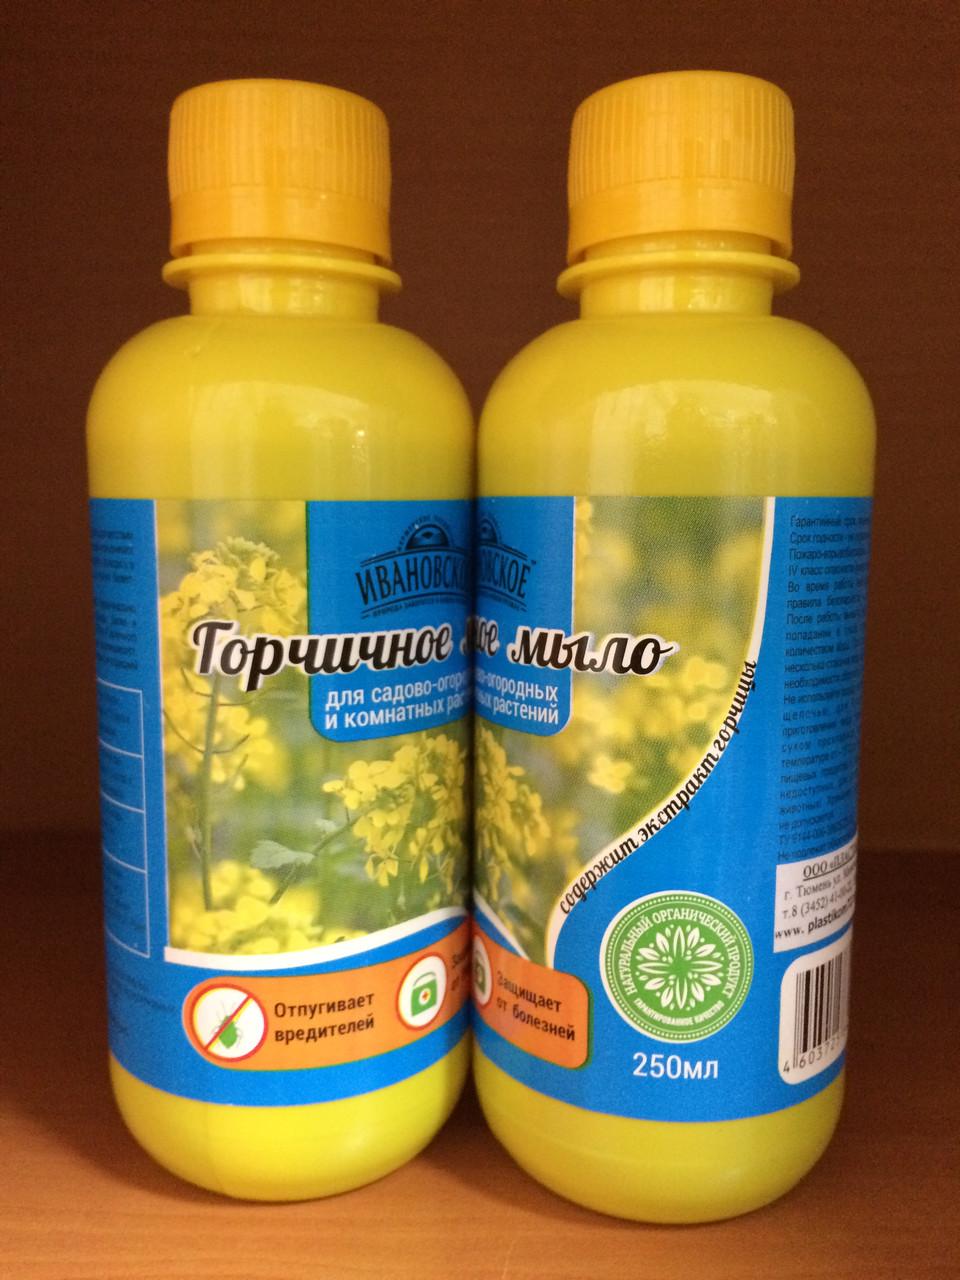 Мыло горчичное (0,25 л) для садово-огородных и комнатных растений